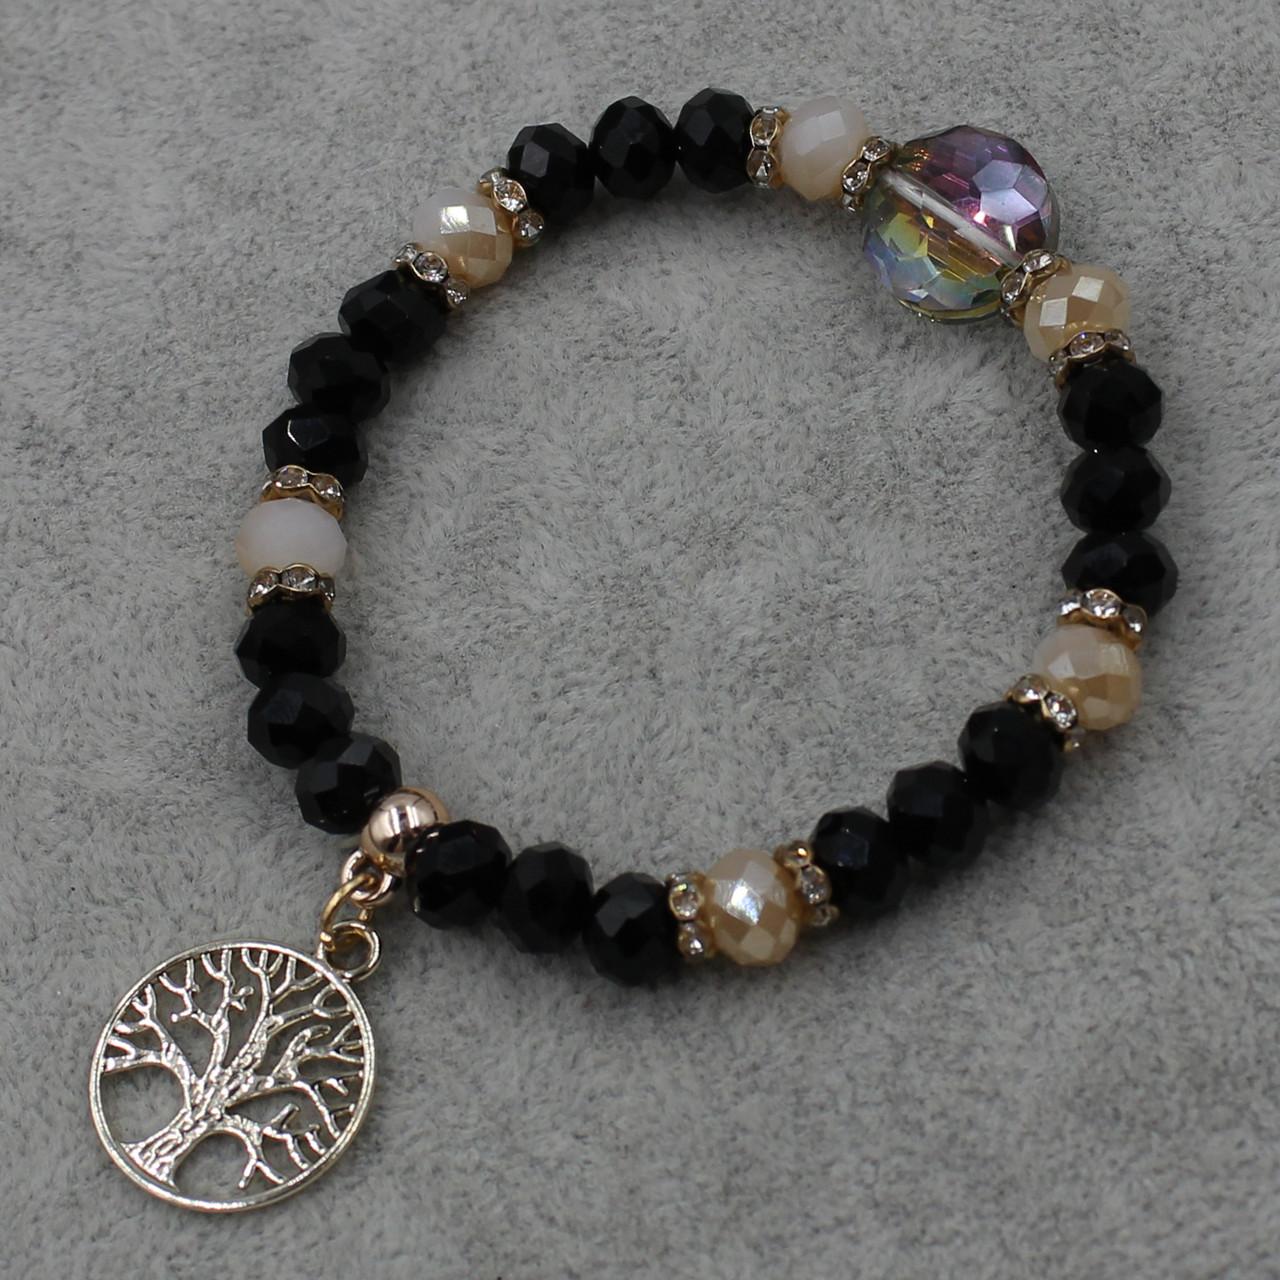 Браслет из бусин черного цвета   на резинки d-8 мм с подвеской Дерево Жизни